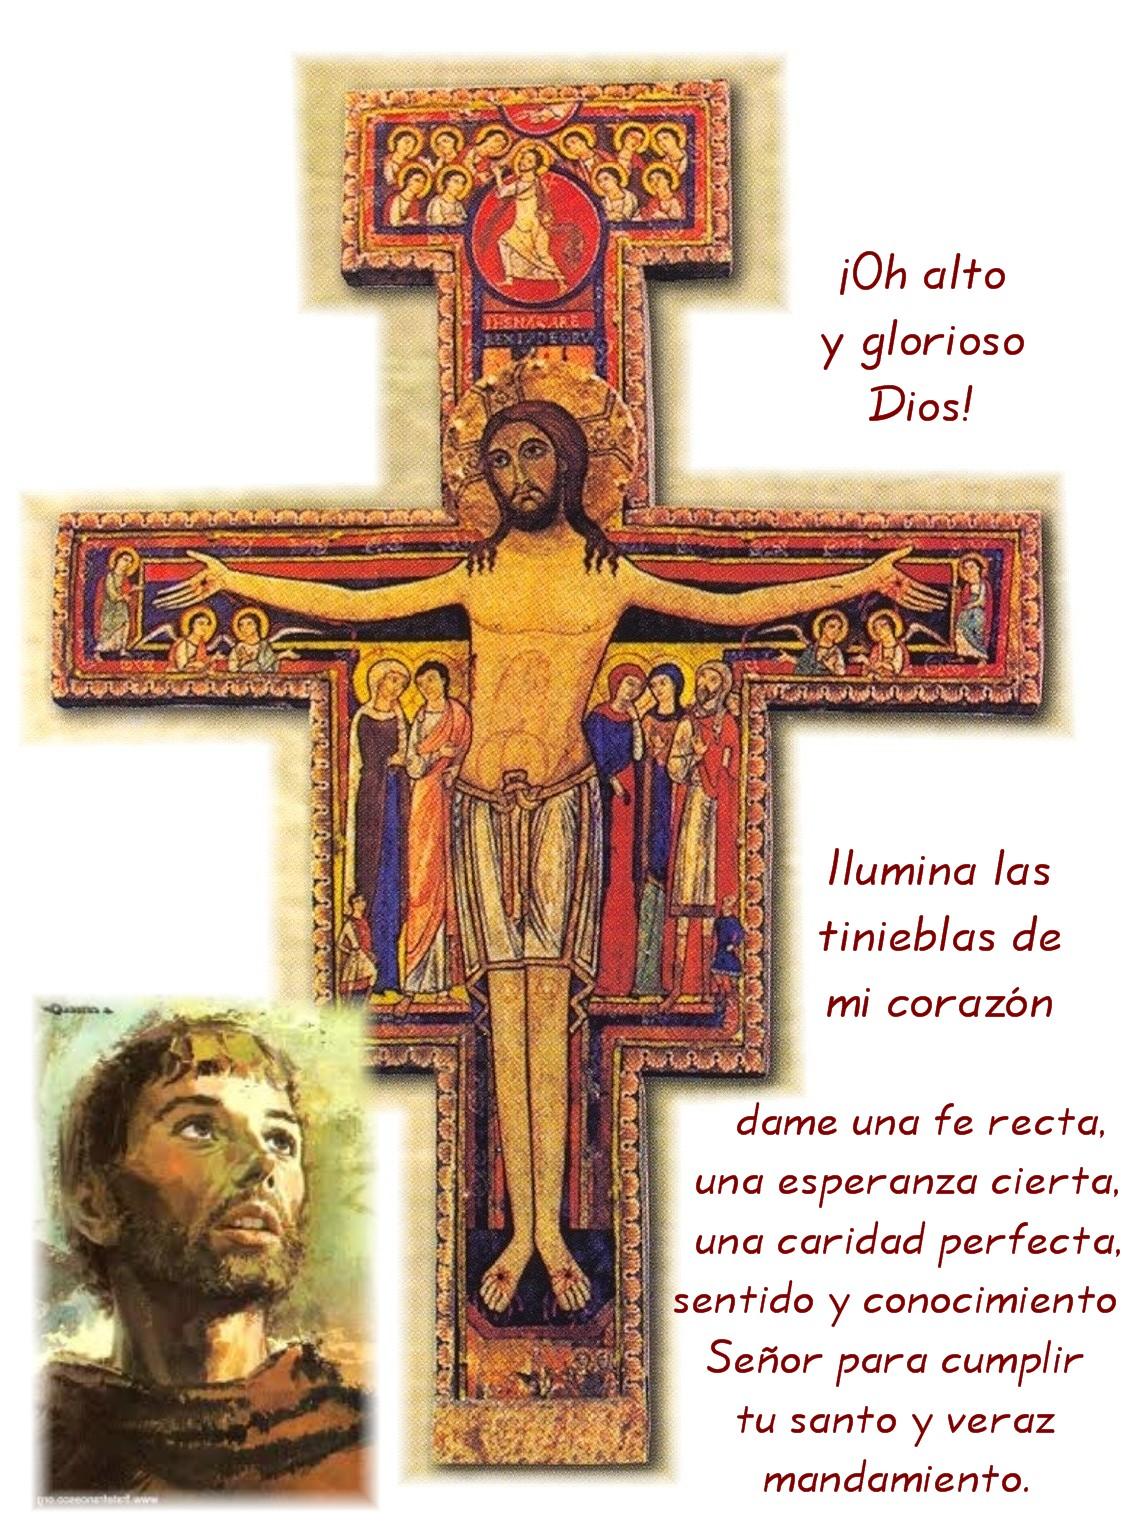 Pequeno De Asis San La El De Francisco Oracion